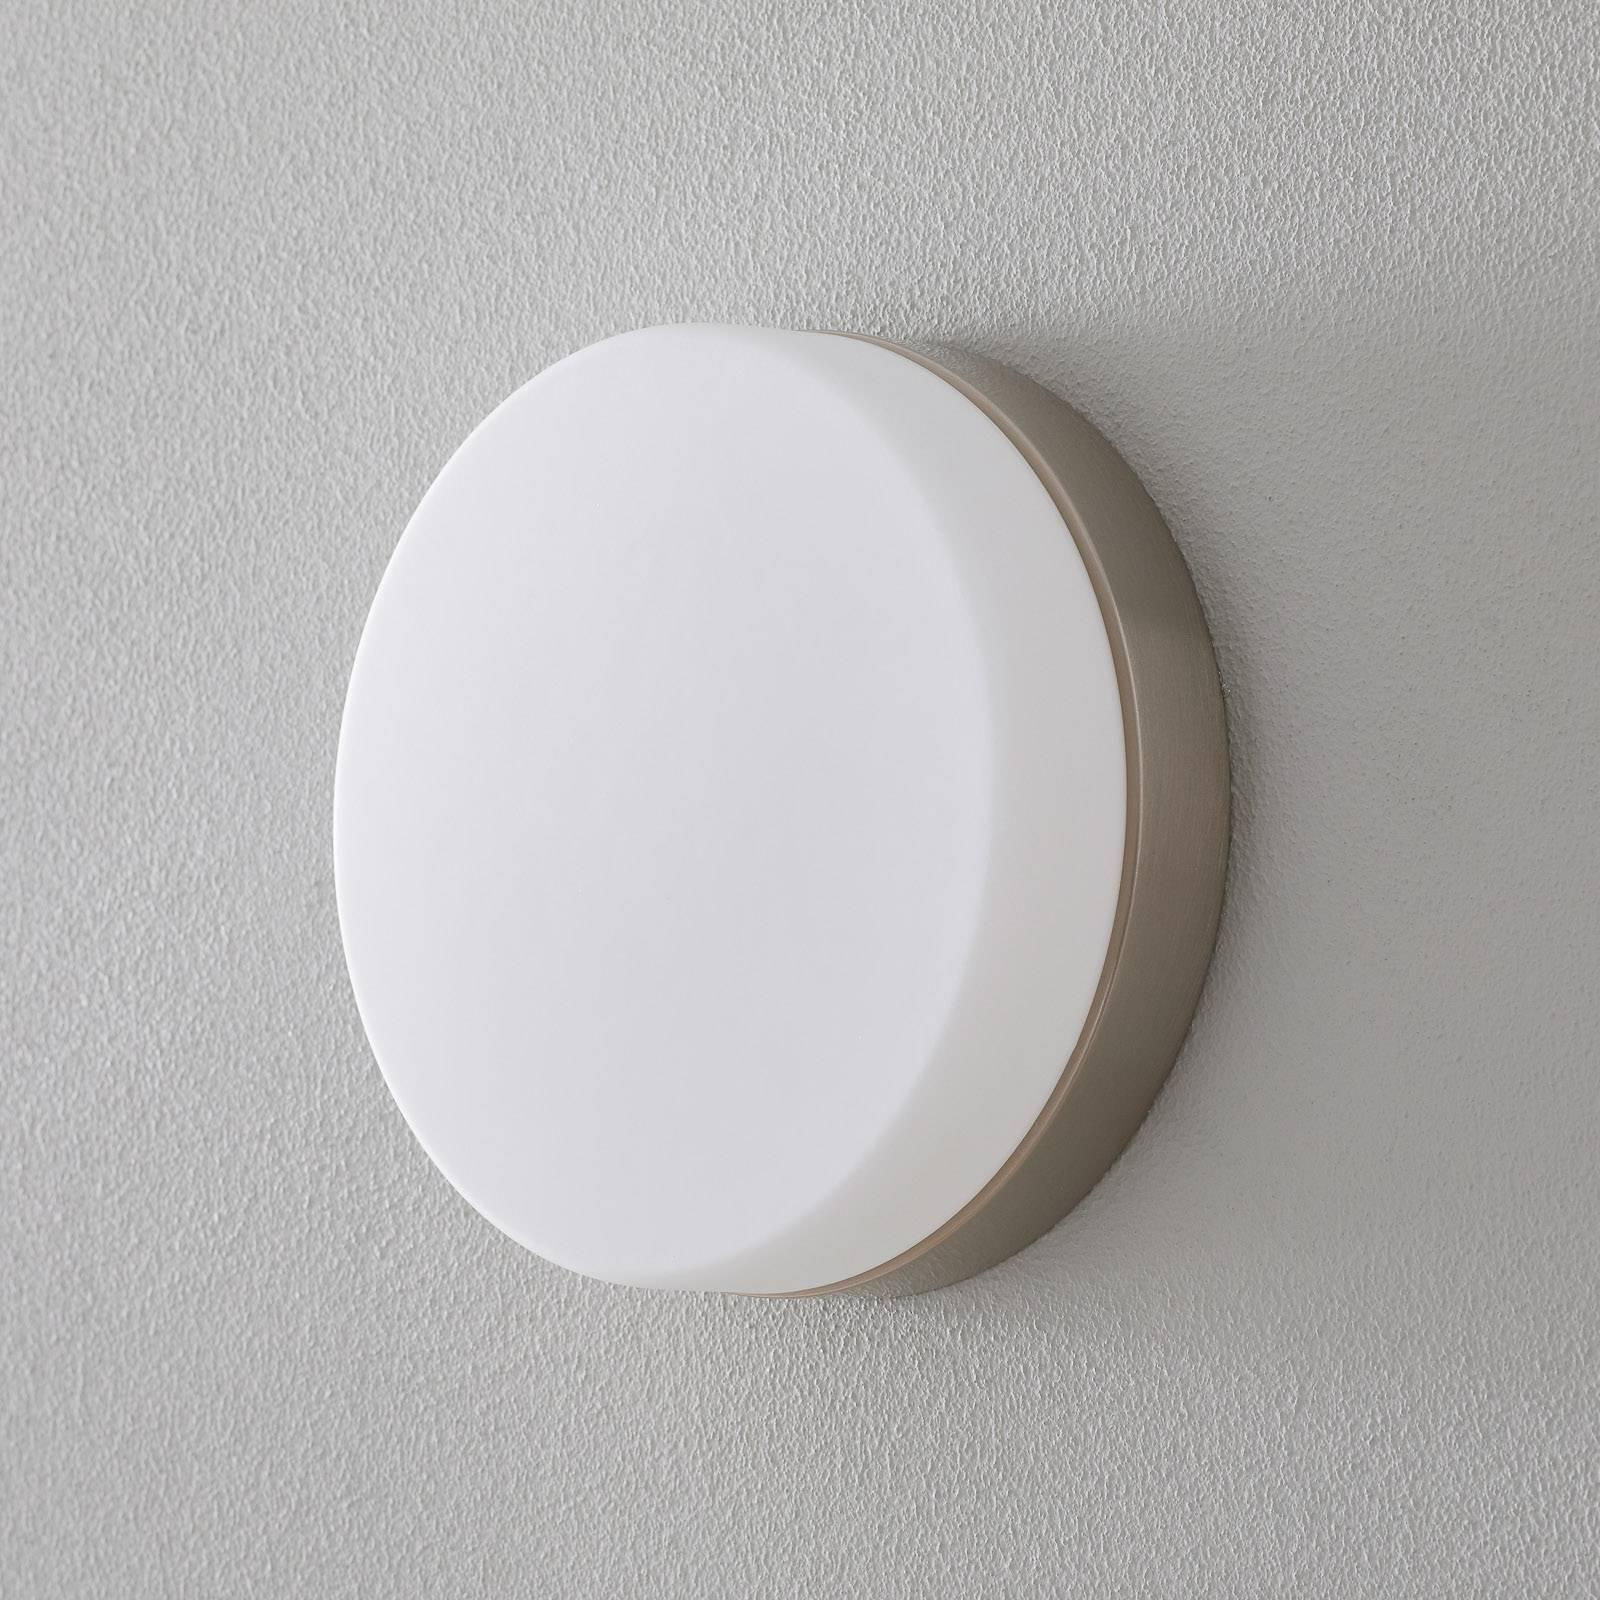 LED-kattolamppu Babylon kylpyhuoneeseen, 23 cm